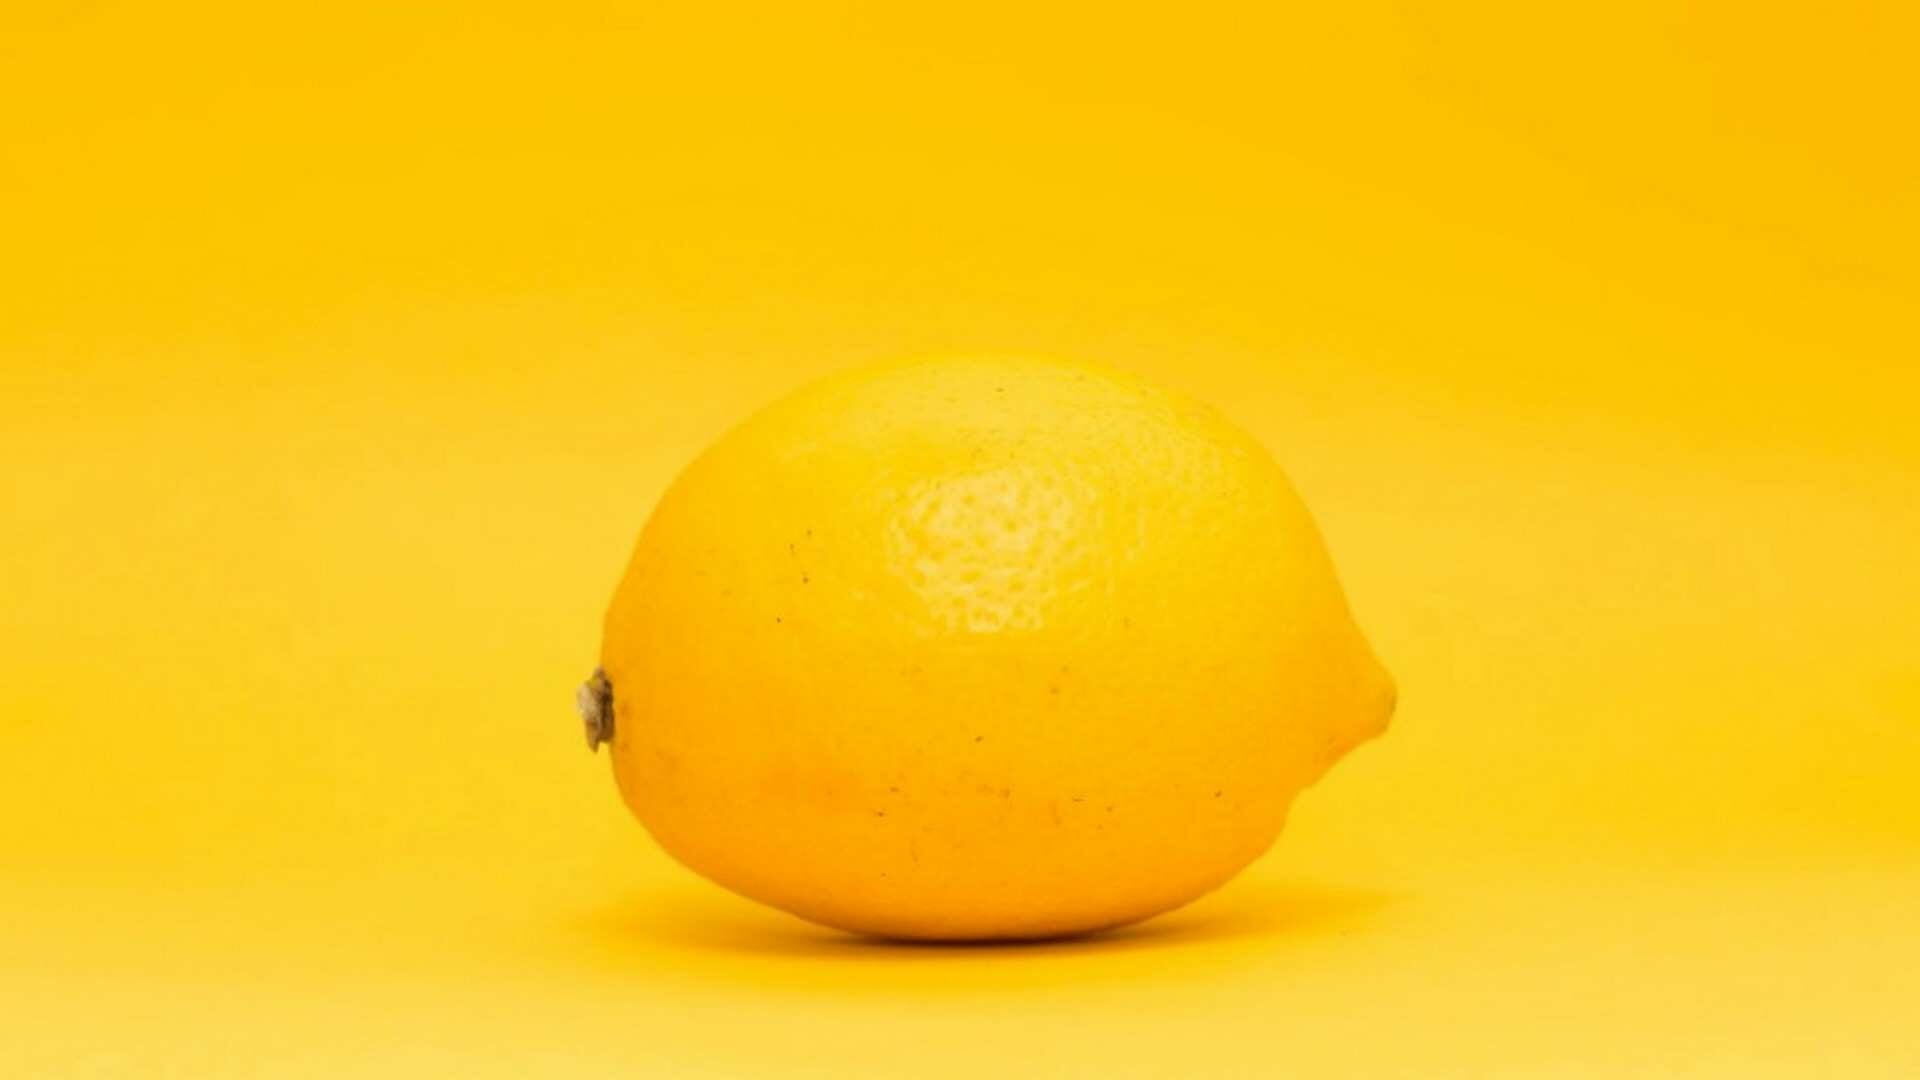 Las 1000 vidas del limón: 4 ideas para preparar con los restos del limón